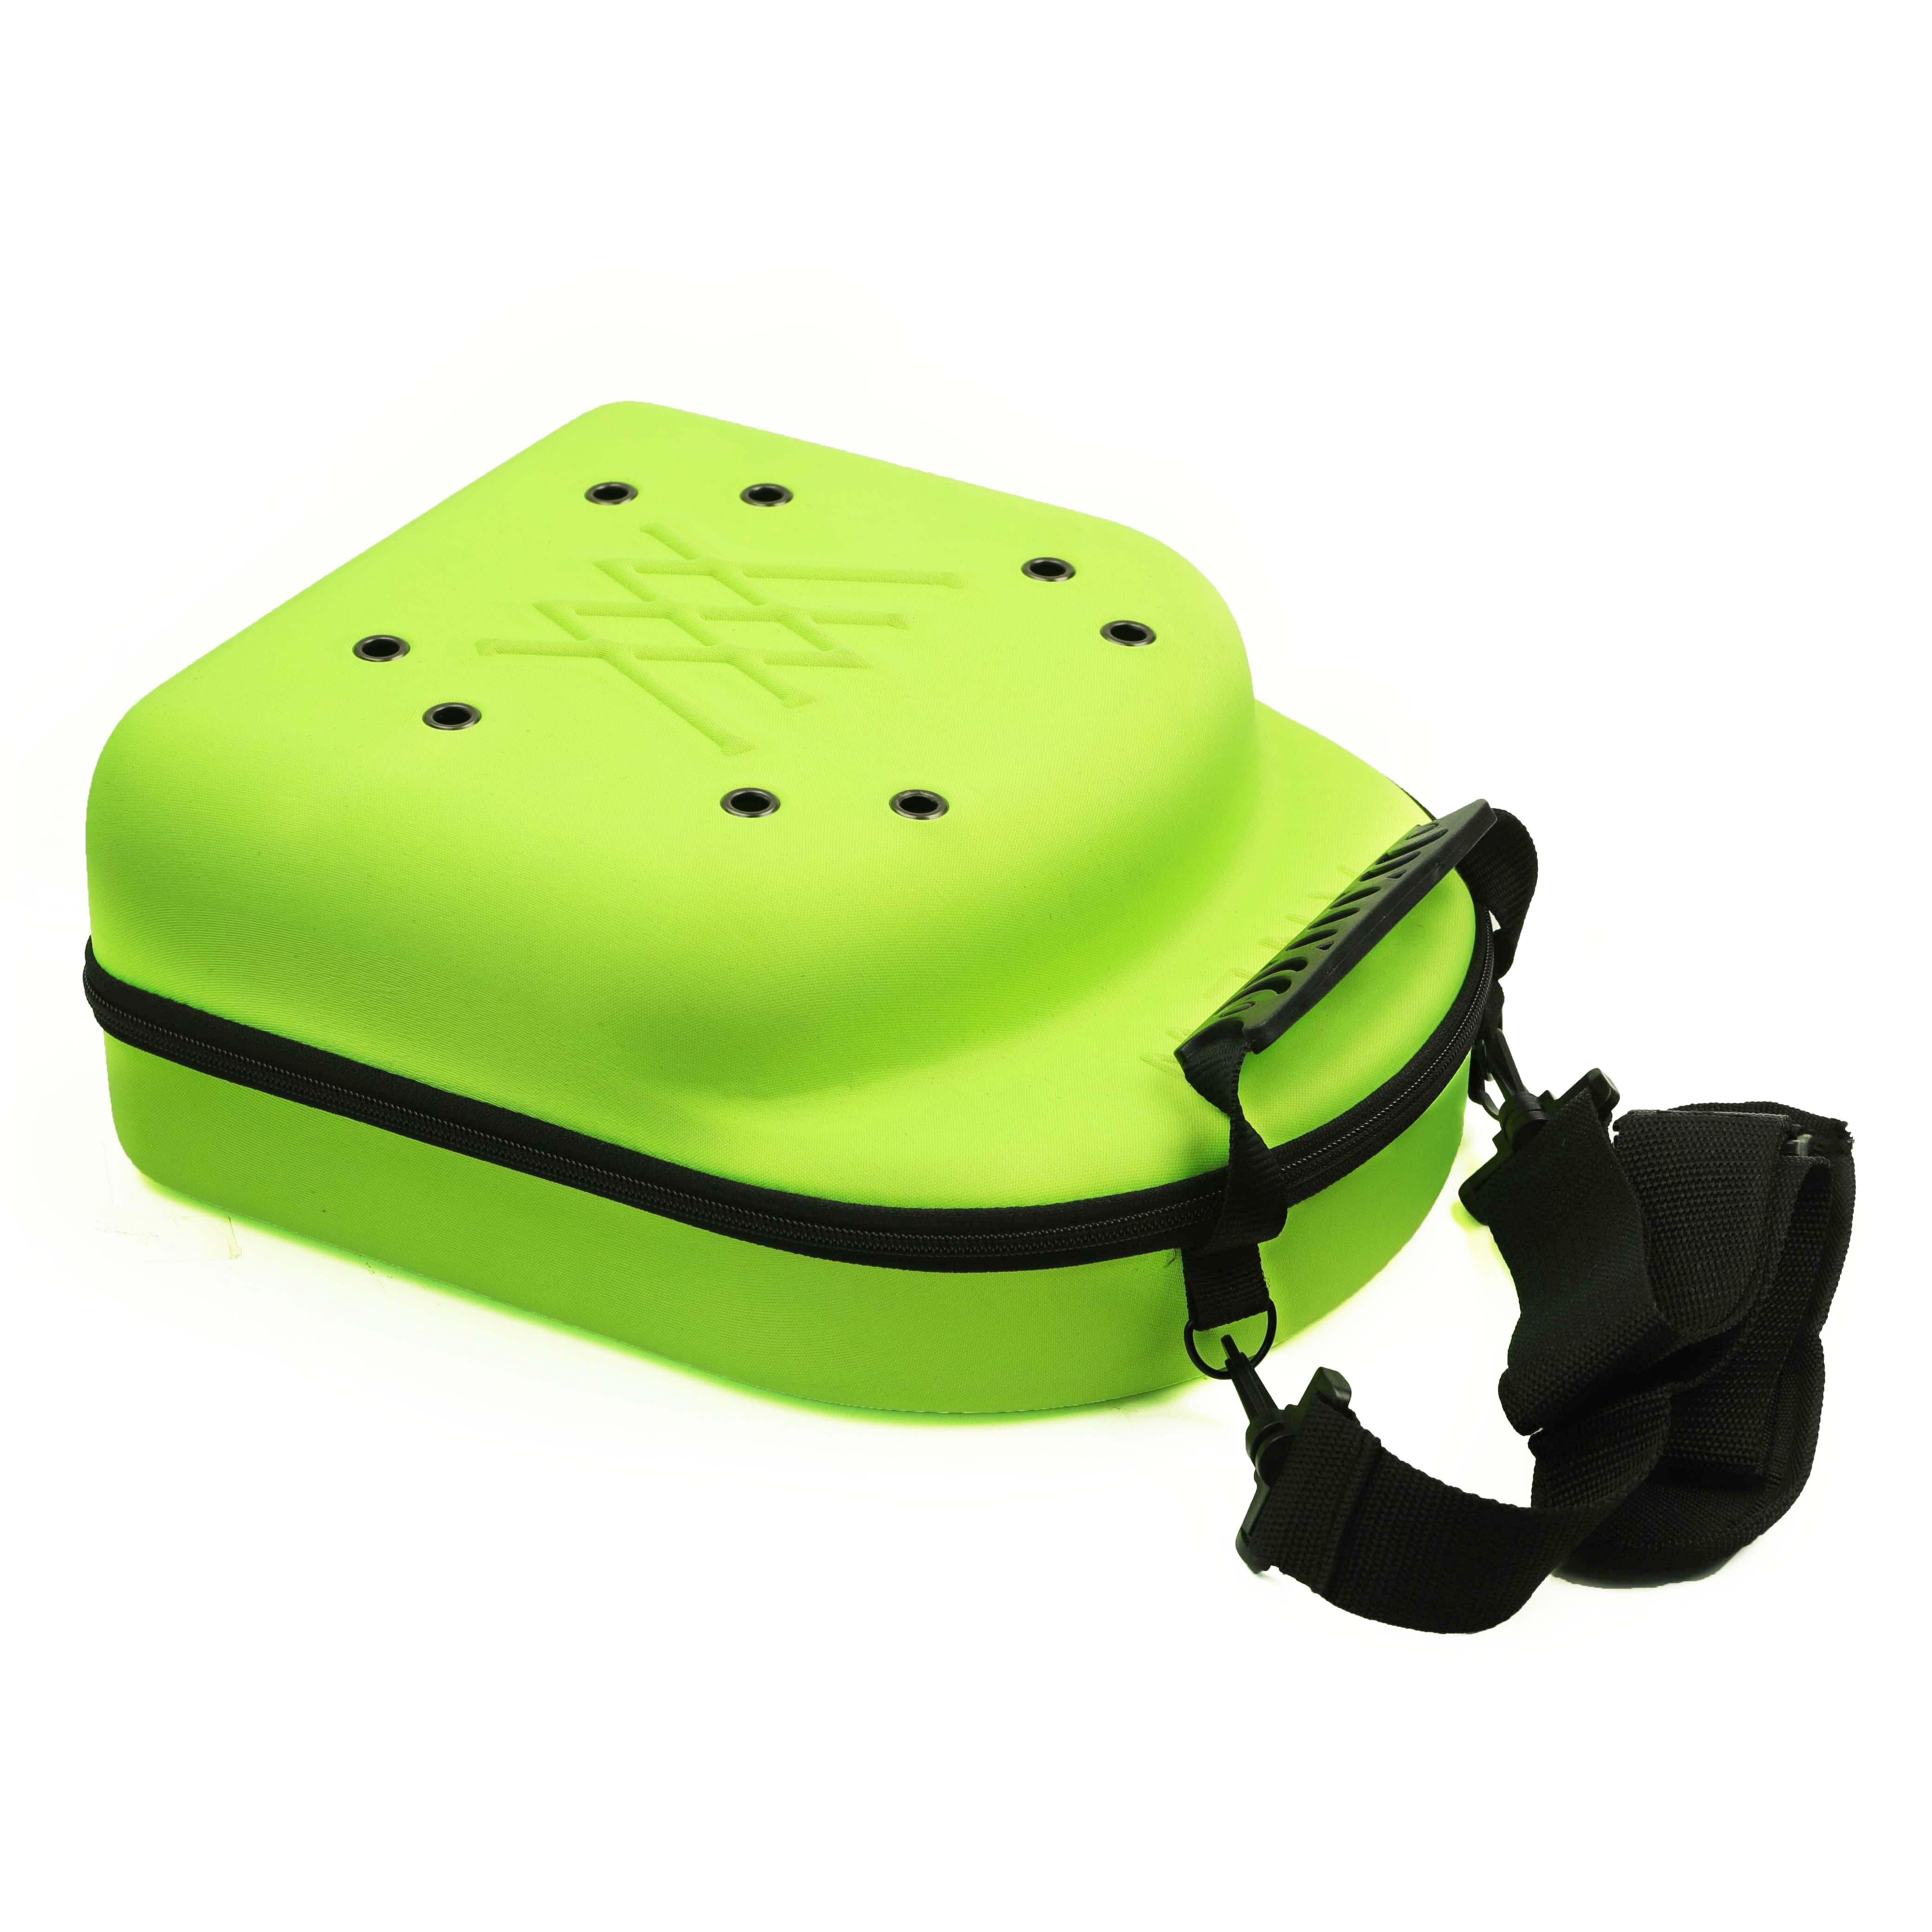 Эва Кепка, кепка для переноски, бейсбольная кепка, дорожная сумка, Кепка с ручкой